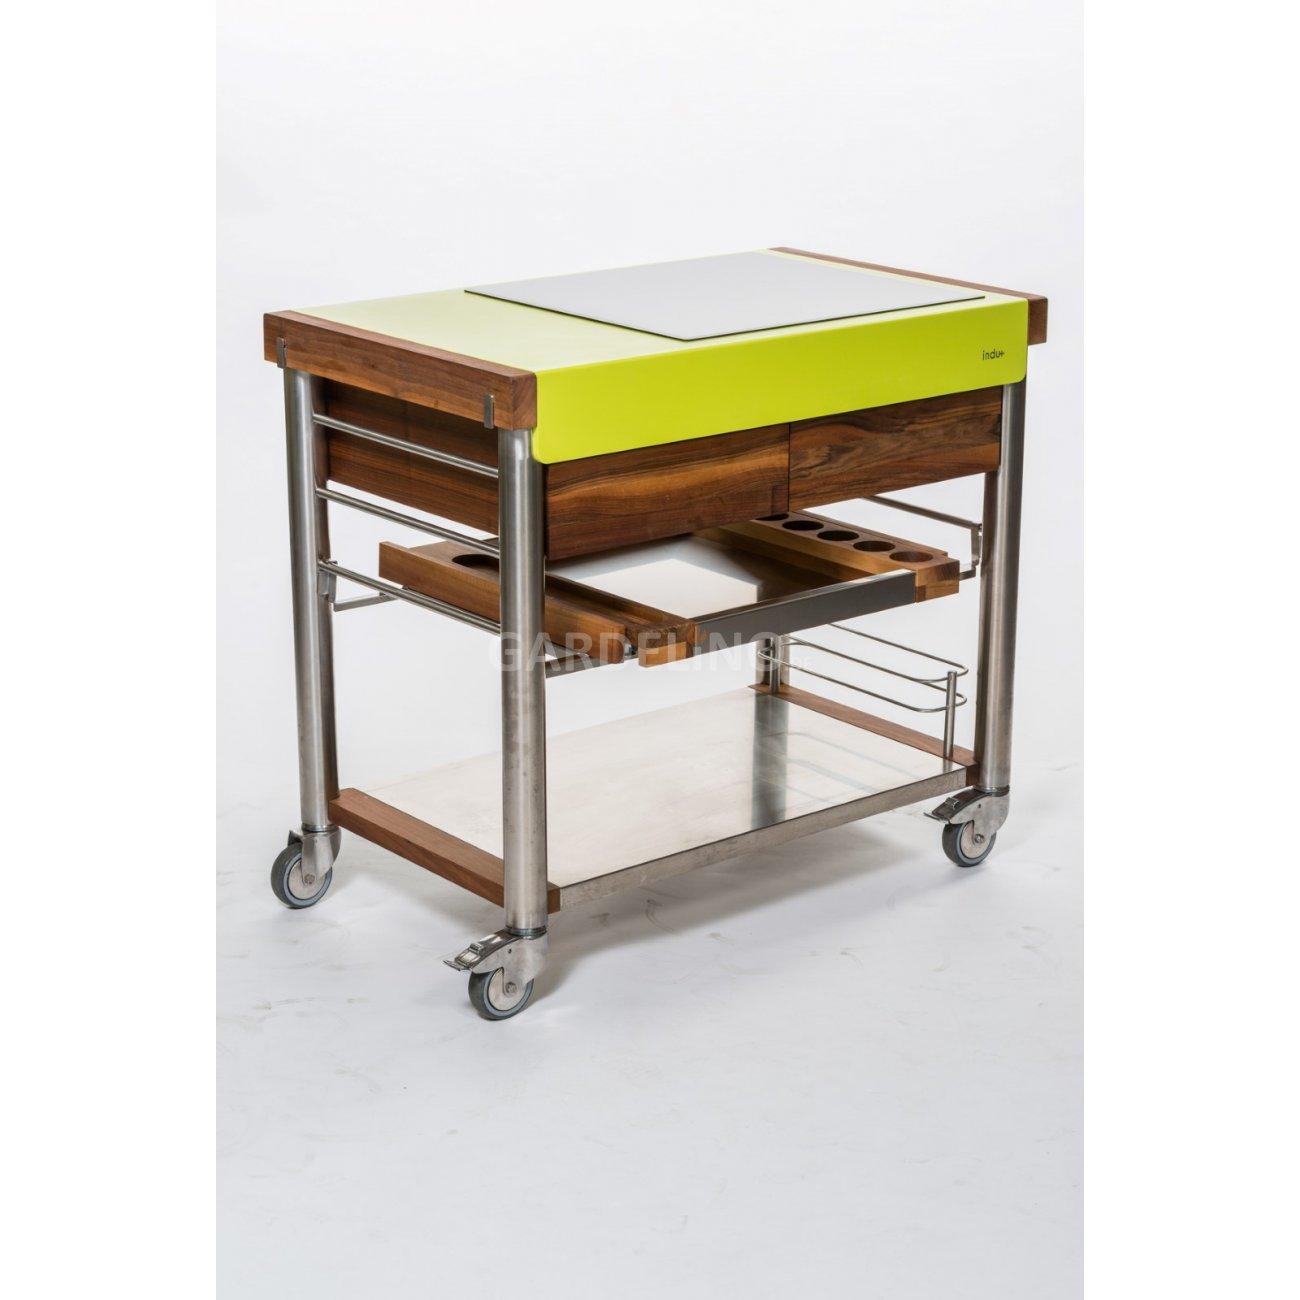 indu+ serveboy mobile gartenküche